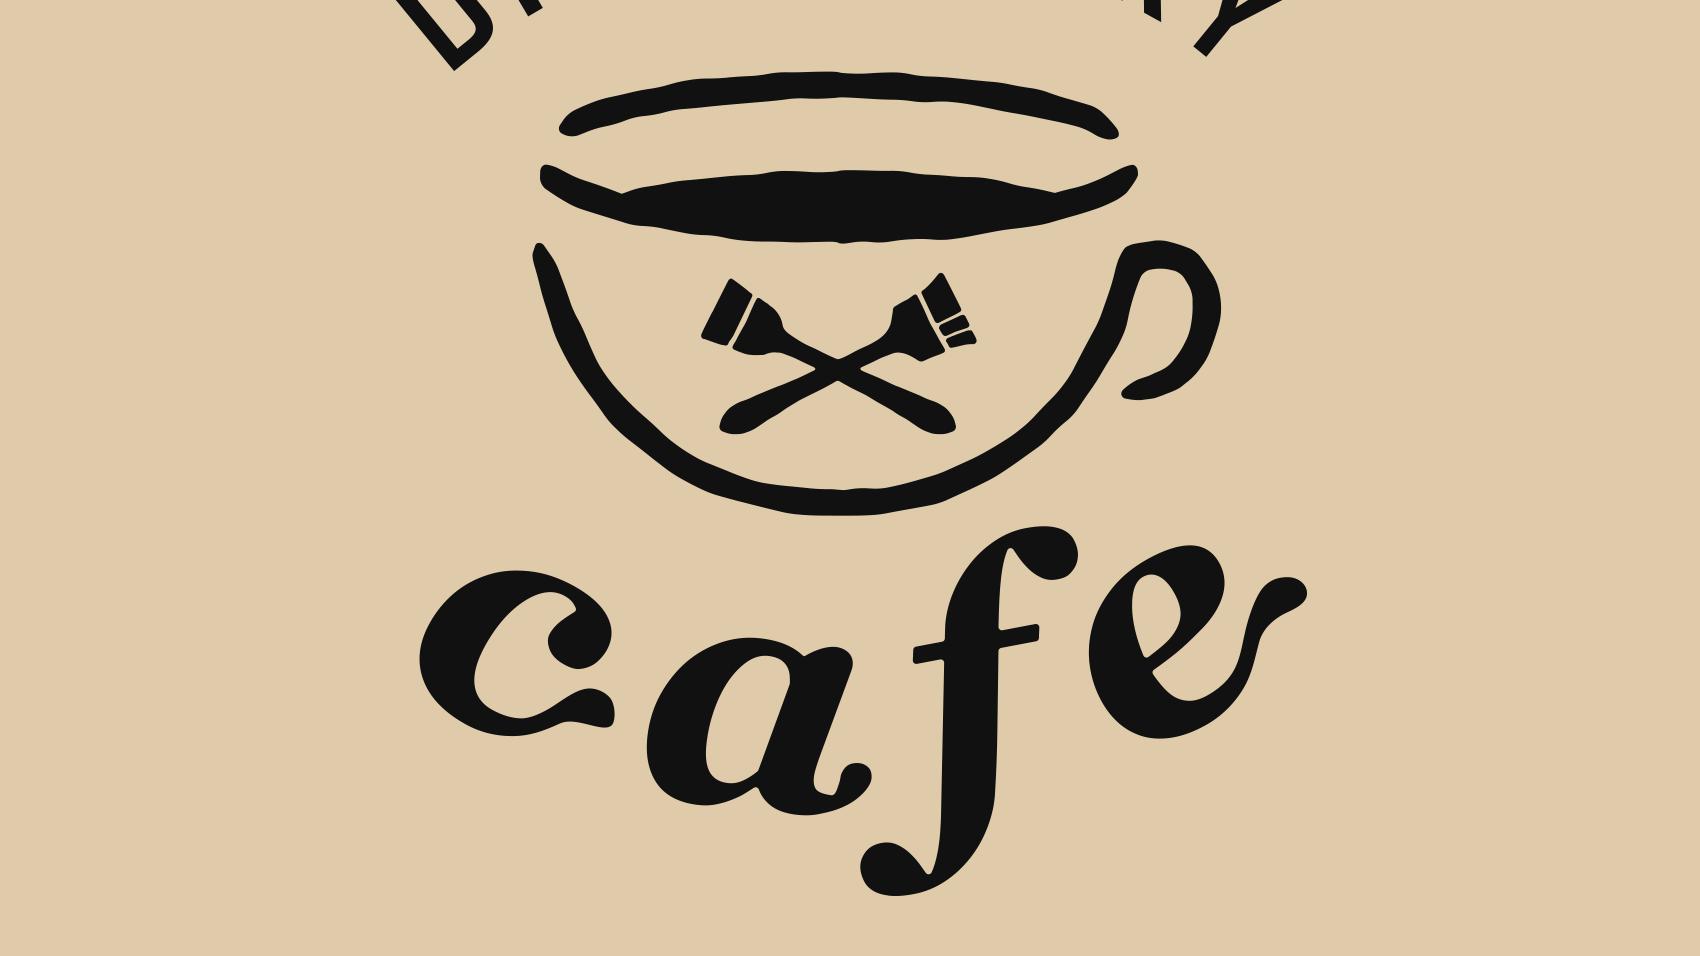 DIY FACTORY cafeのロゴのディティール